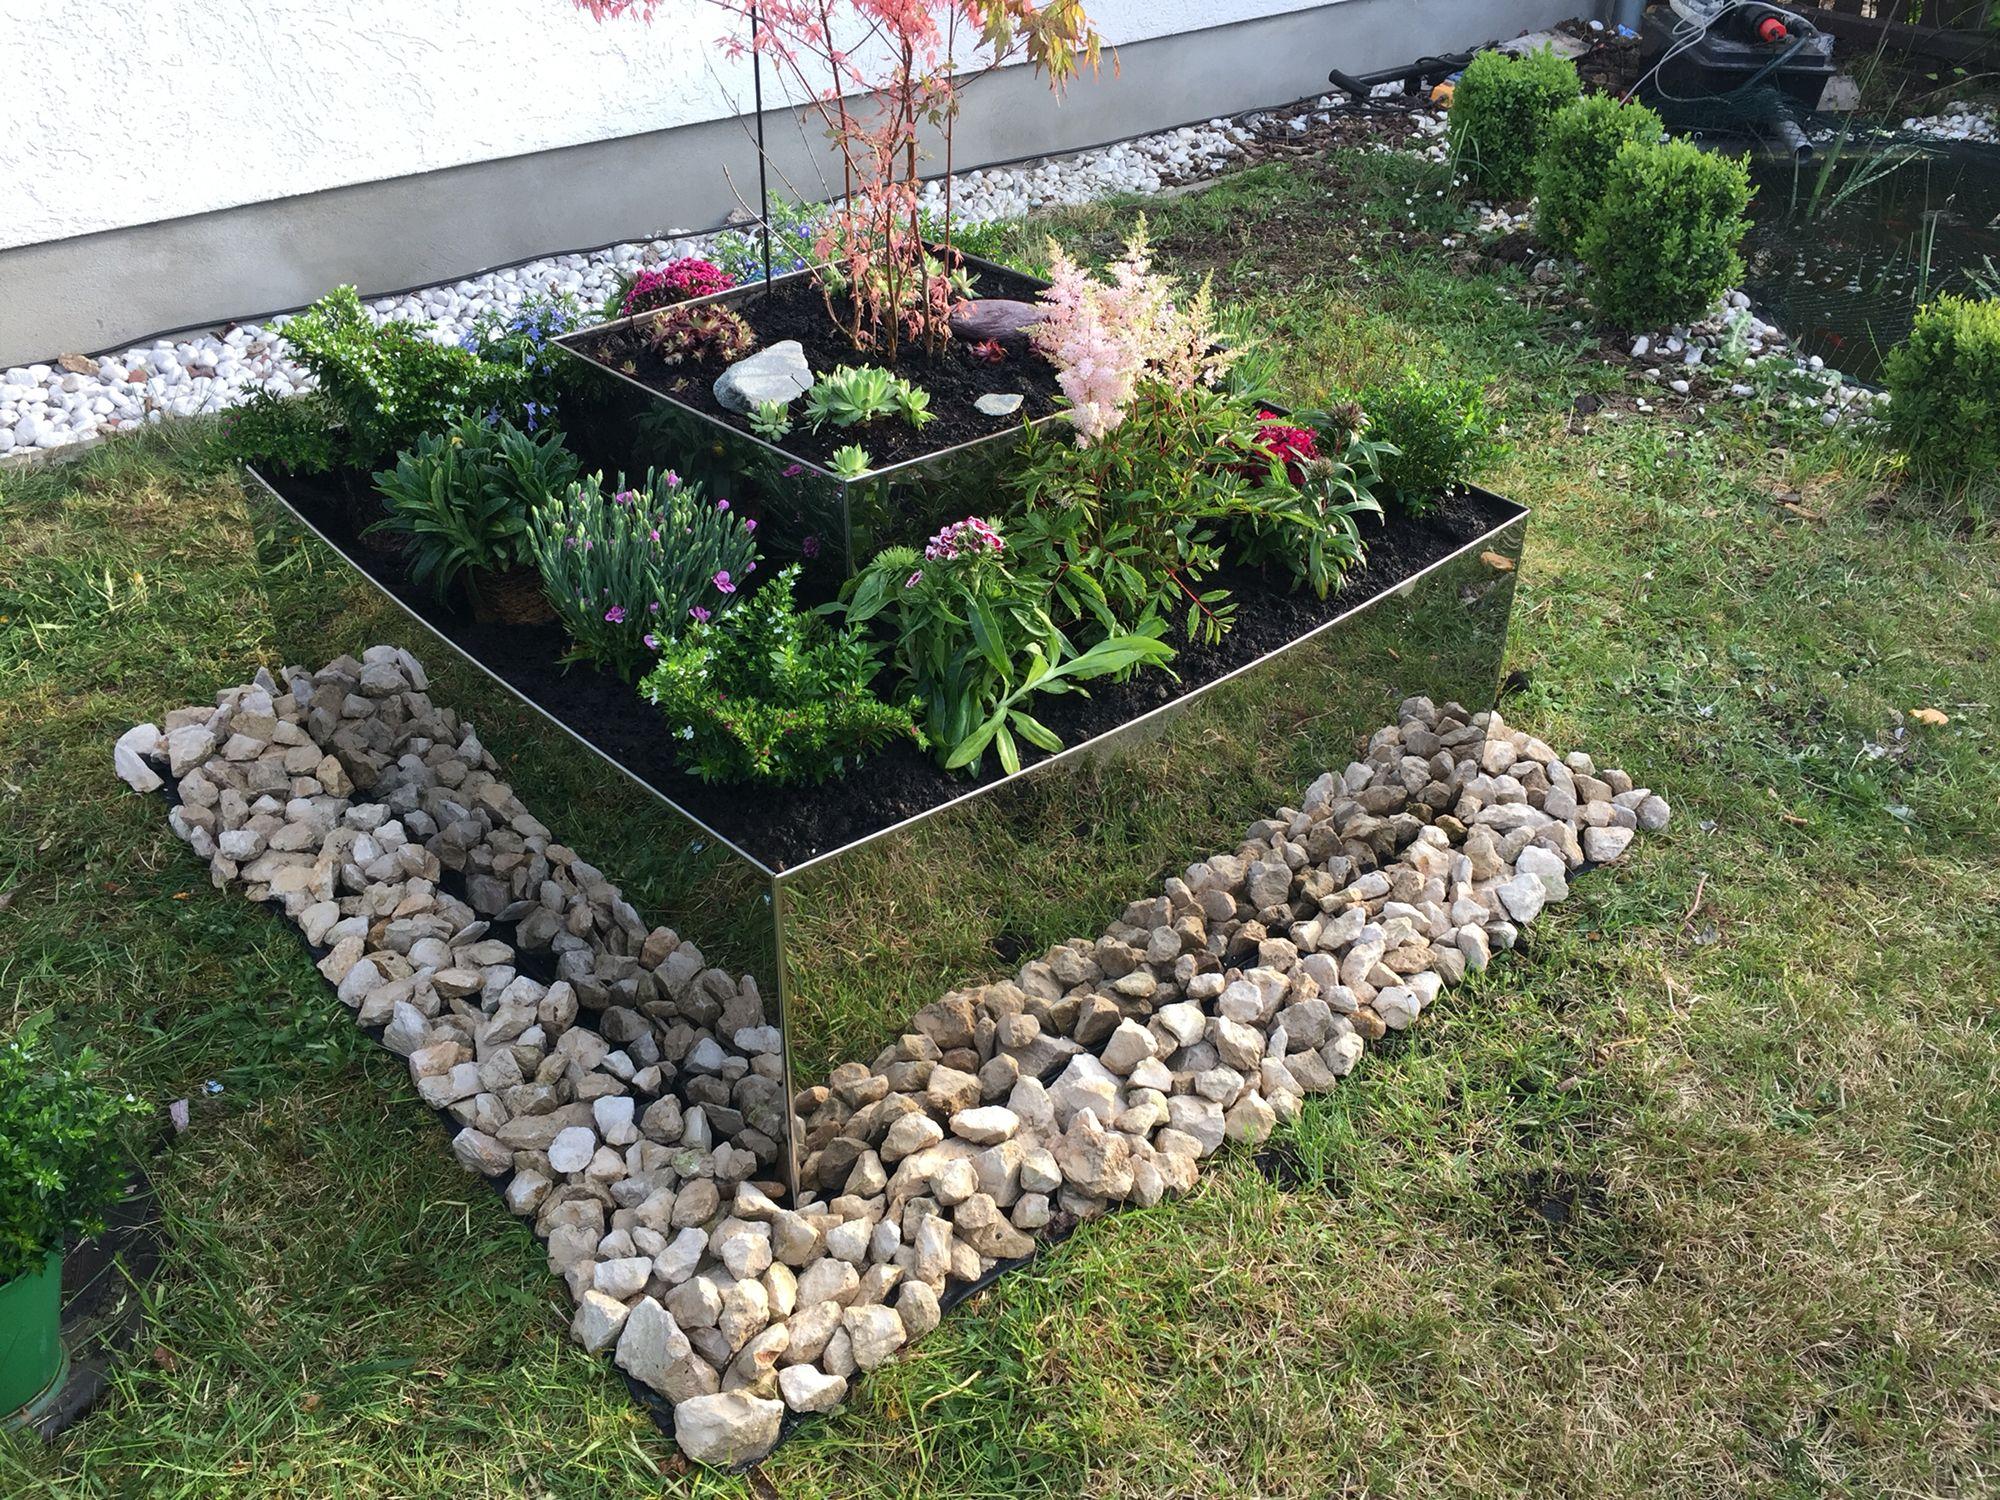 Garten Pyramide | Alu-Stahl-Blech | Pinterest | Stahl, Blech und Gärten